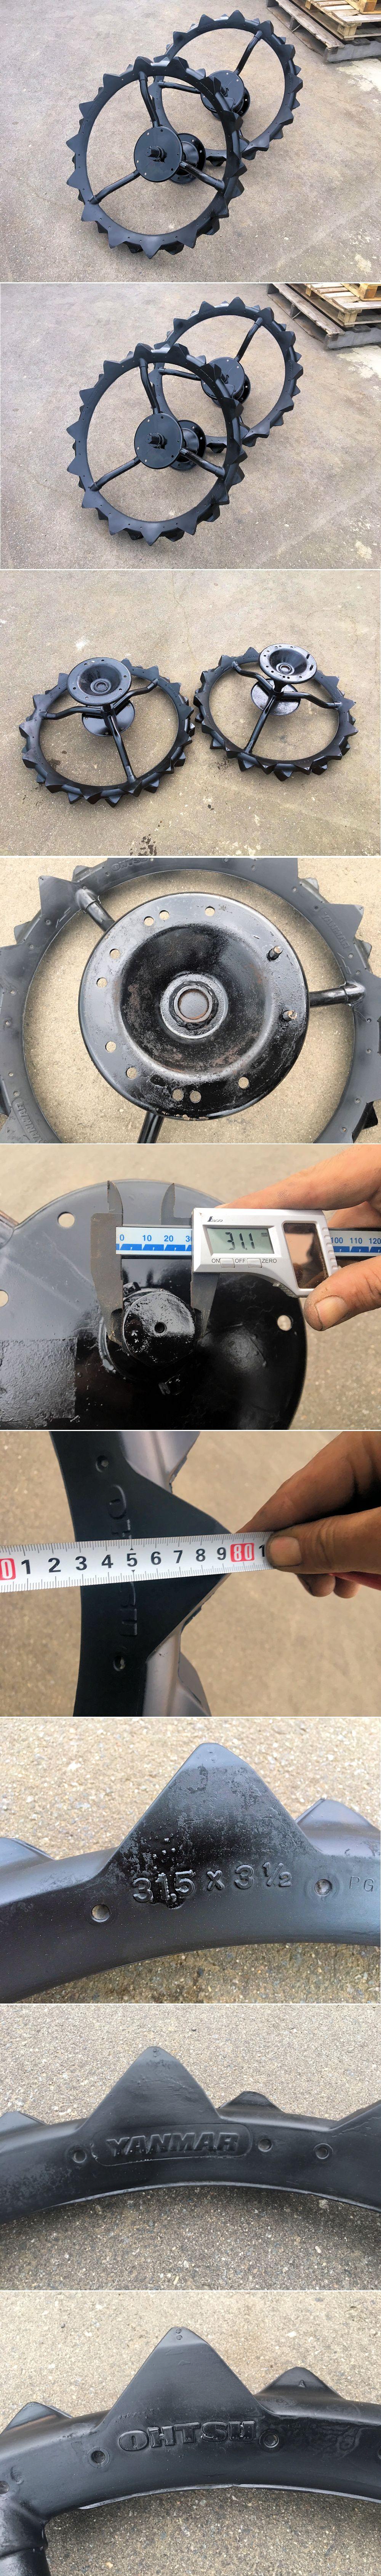 ヤンマー田植機 後輪補助車輪 31.5×3 1/2 直径80cm 軸径31装着 外付けパーツ付 マルチ12穴 美品中古